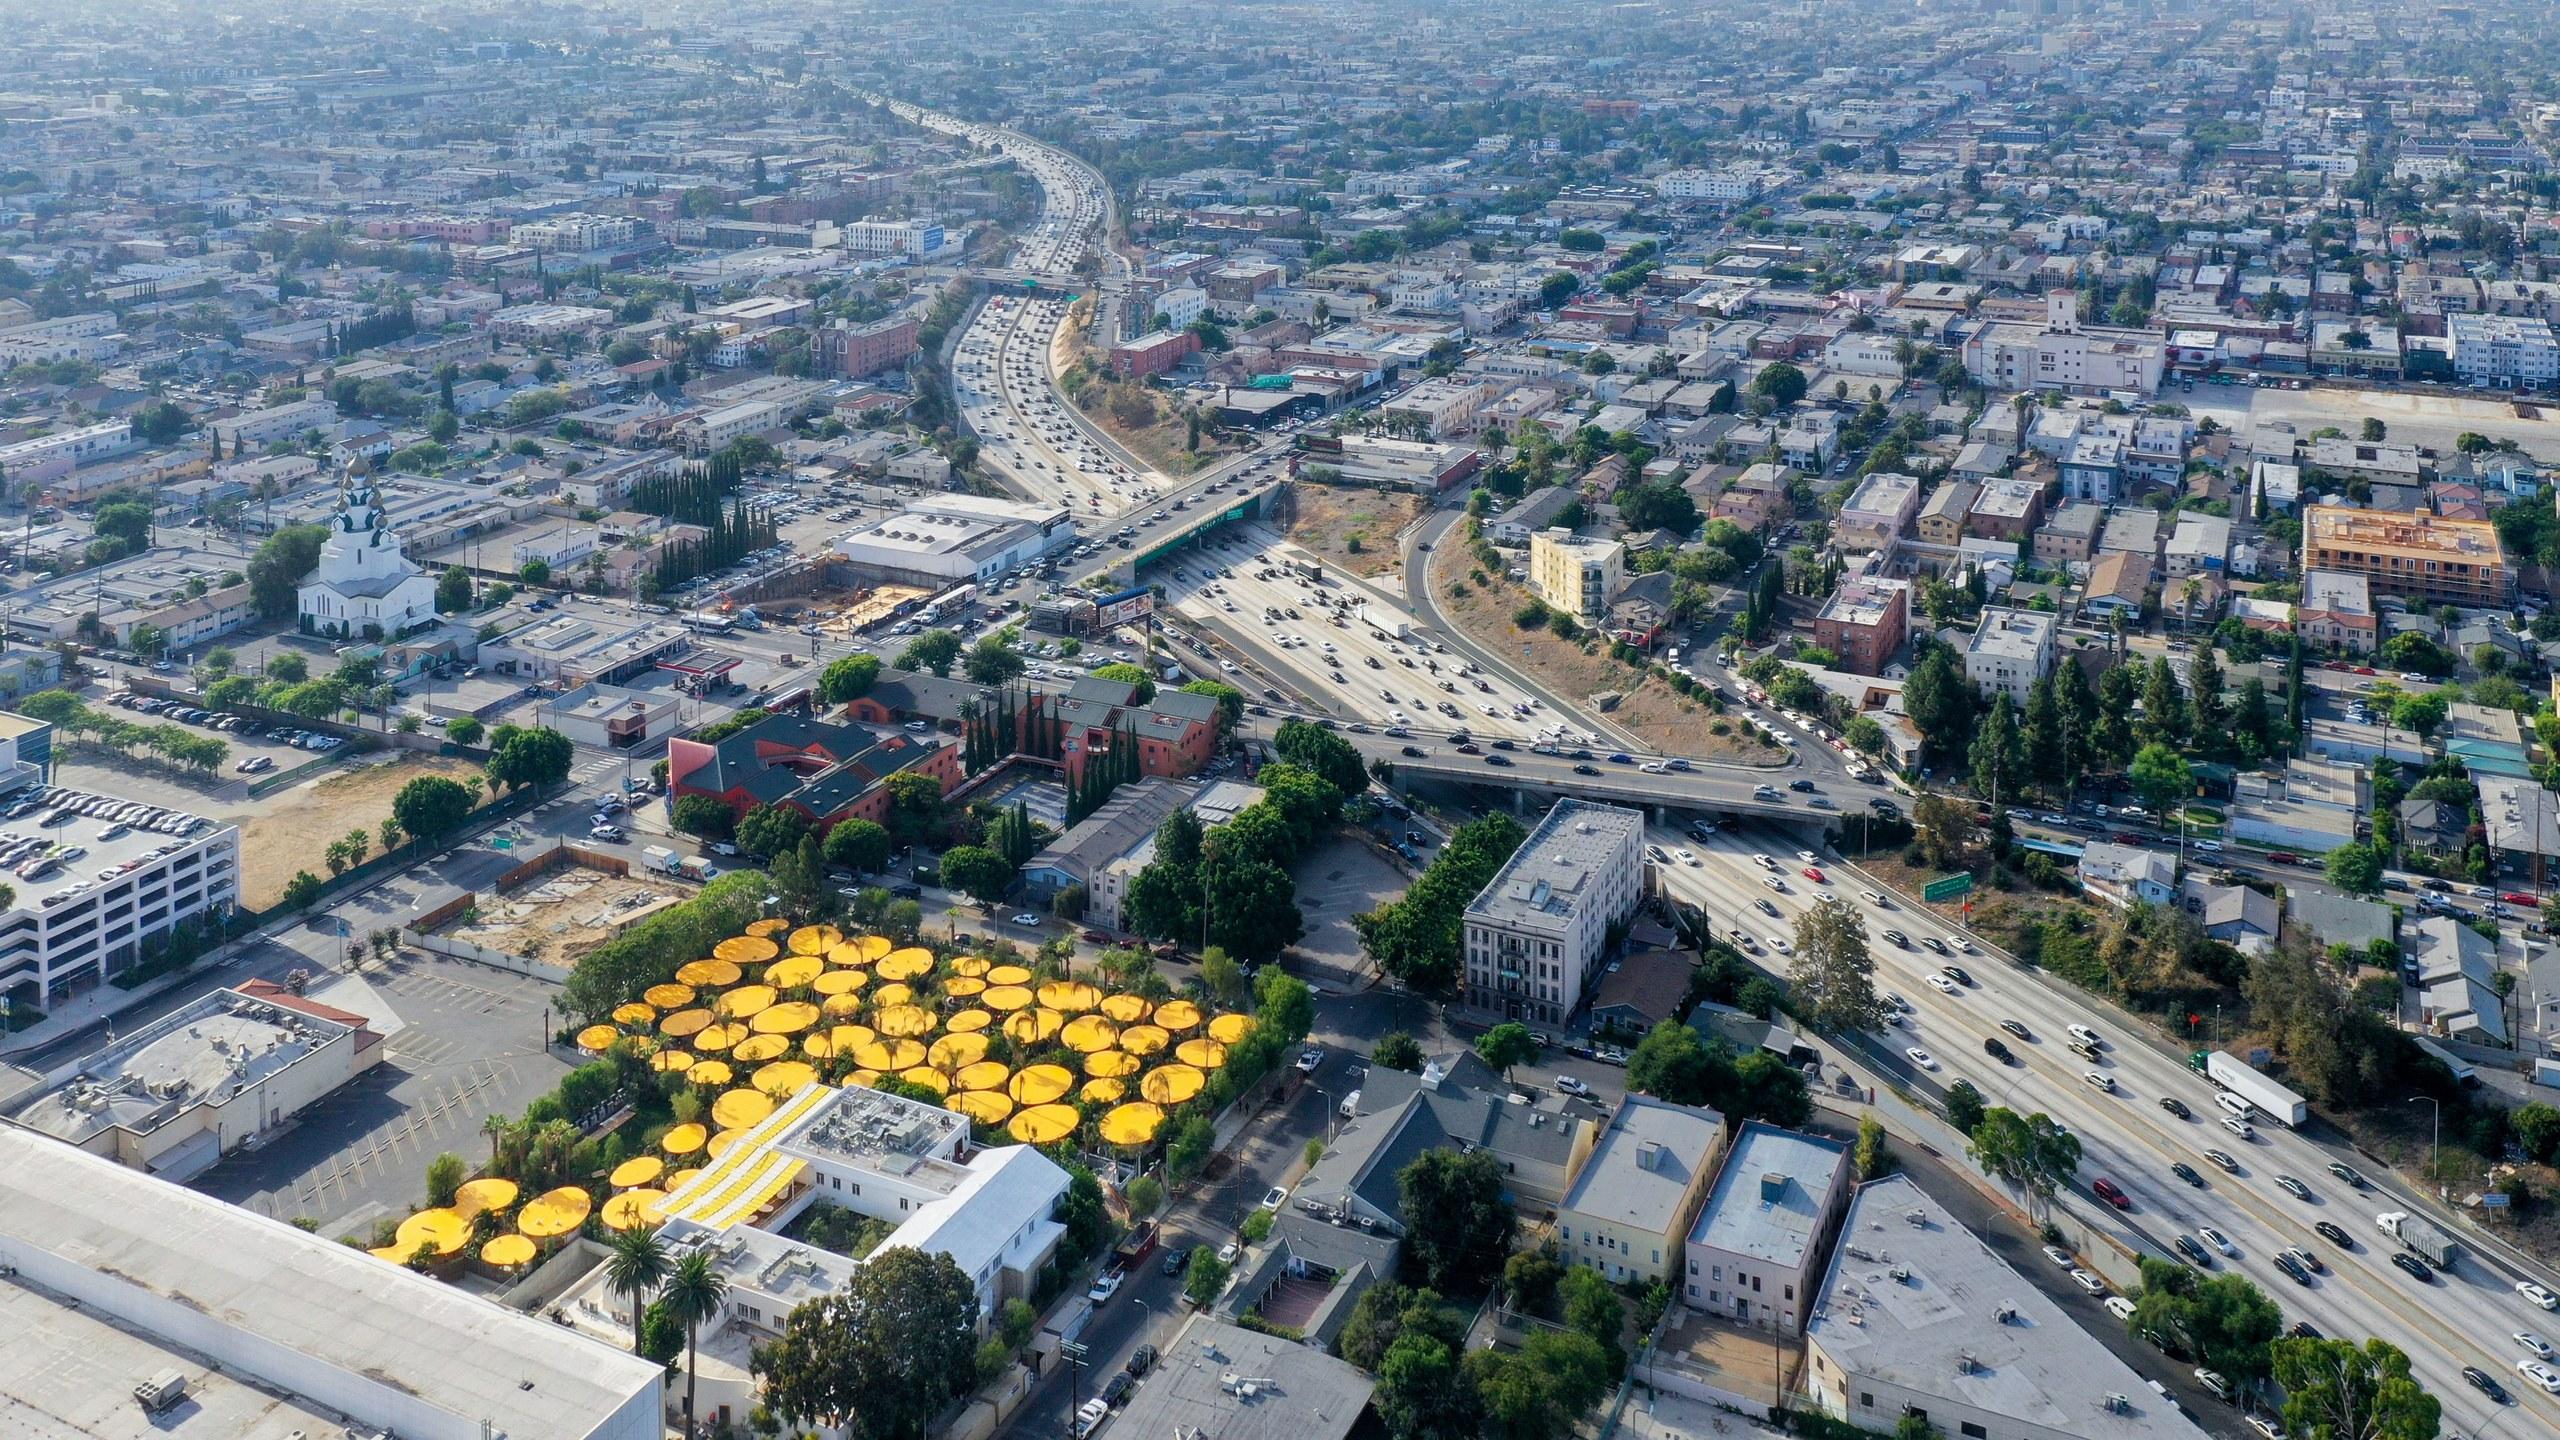 מתחם משרדים בחניון לשעבר, מדמה גן שושנים צהובות